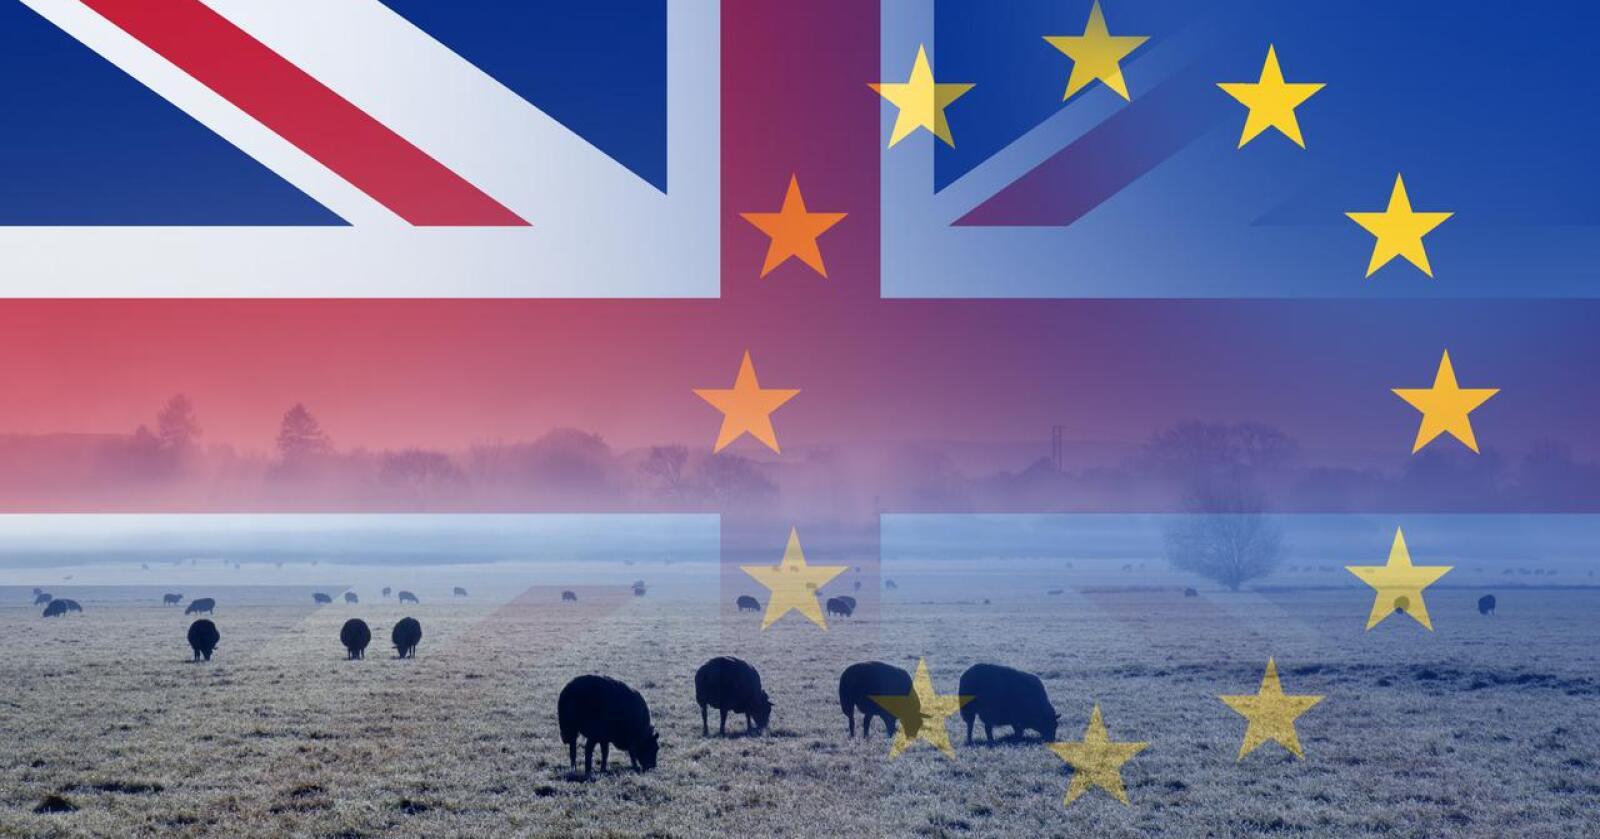 Nye kvoter: I dag signeres frihandelsavtalen der Storbritannia blant annet har fått kvoter på 100 tonn svinekjøtt, 100 tonn skinke, 50 tonn ribbe i desember, 120 tonn pølser og 158 tonn fjørfekjøtt. (Foto: Shutterstock/ Raggedstone)